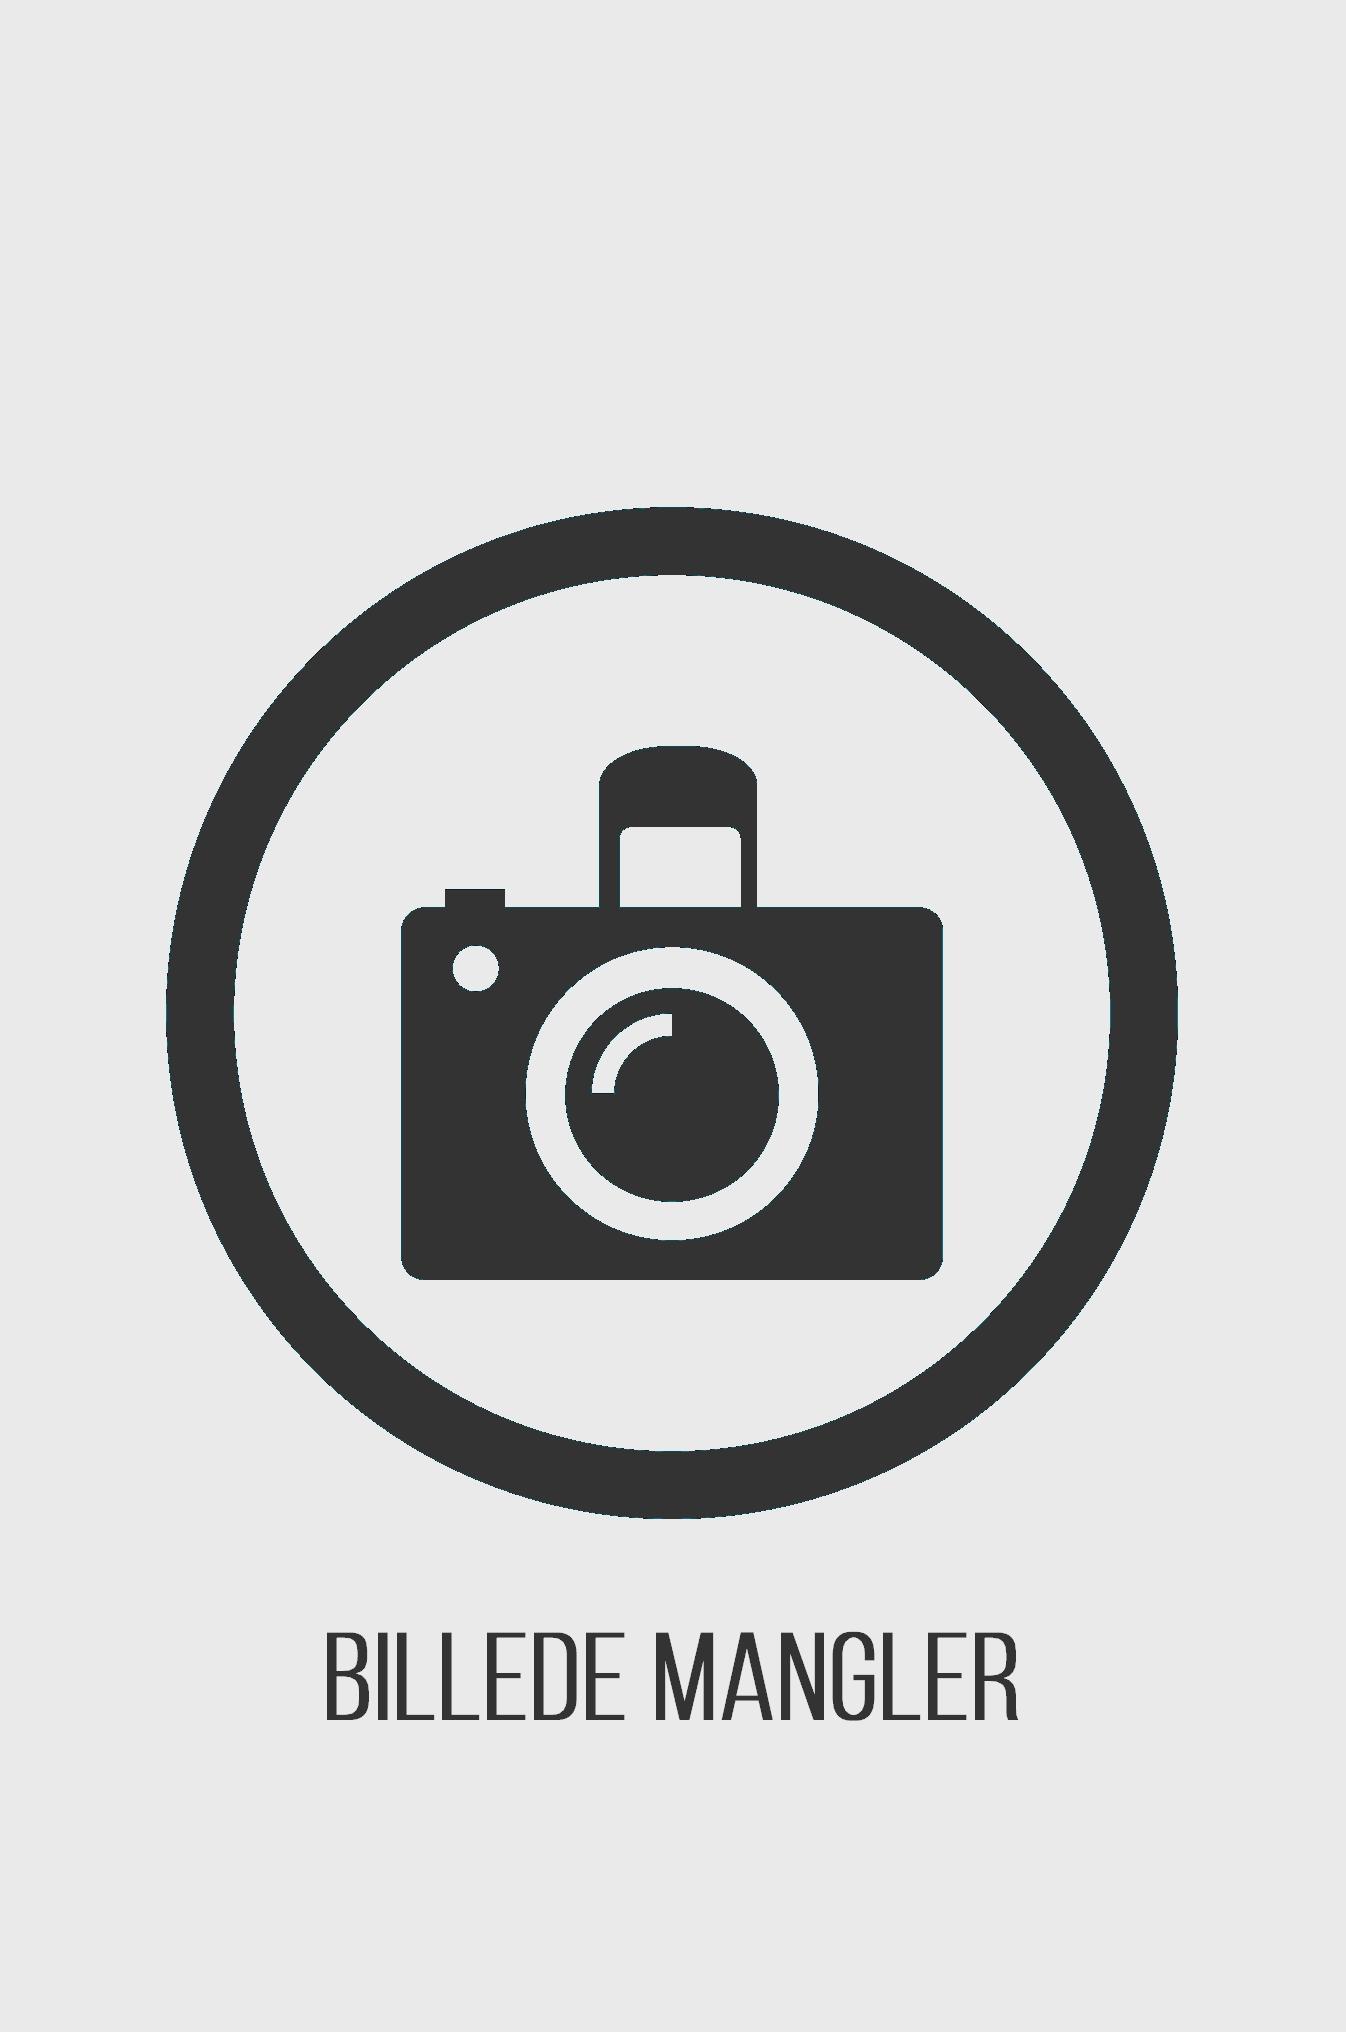 Billede-mangler